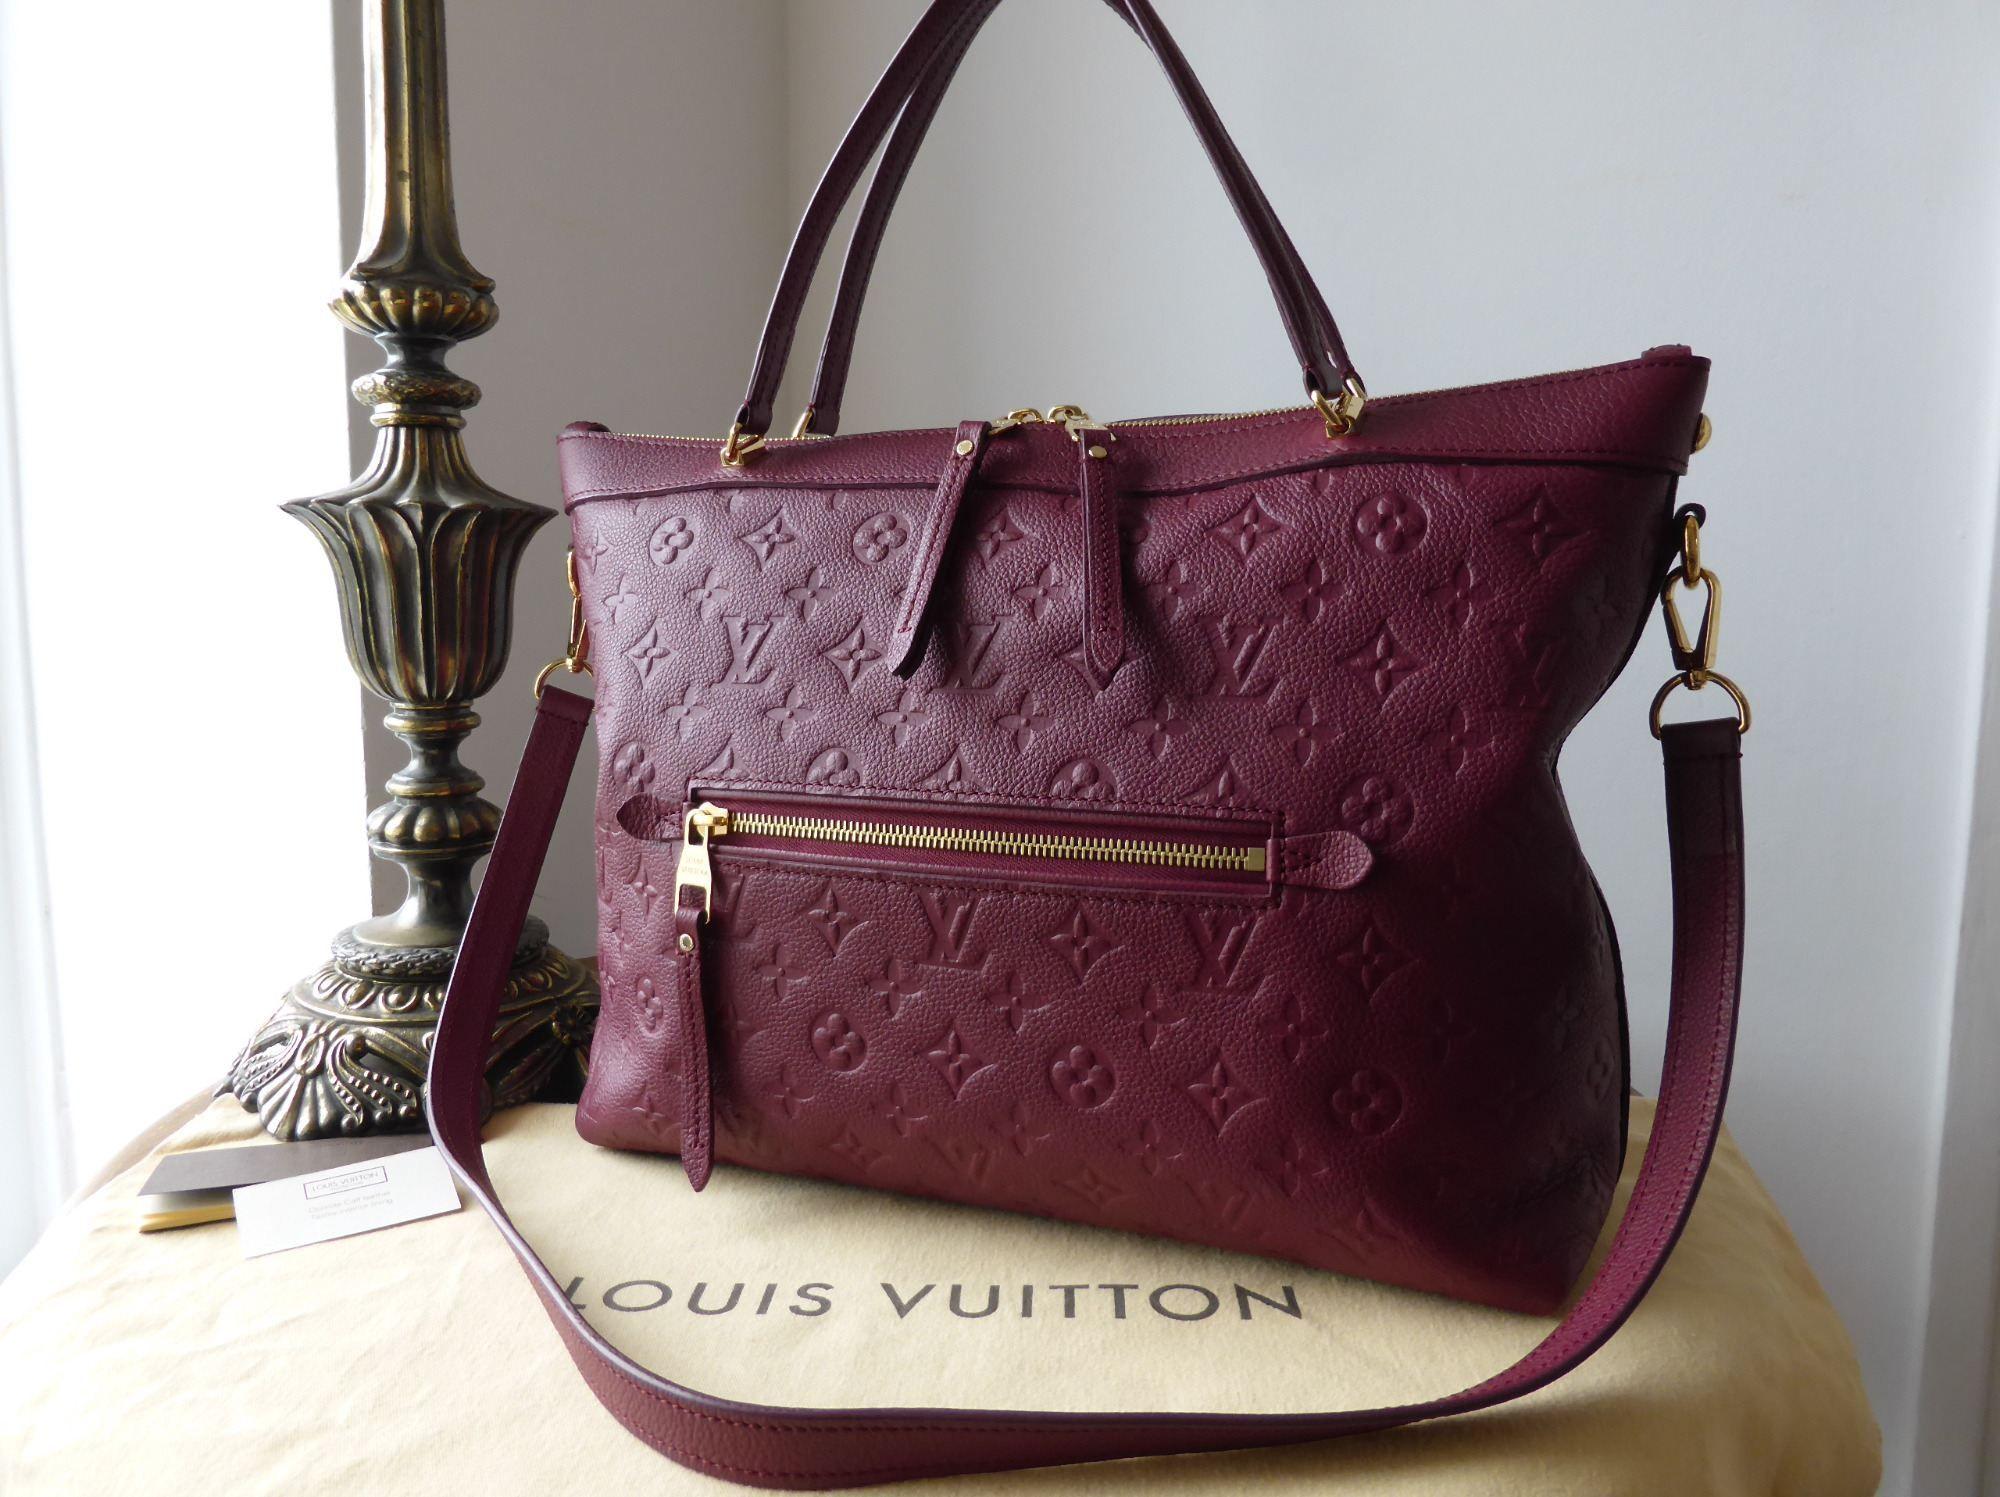 Louis Vuitton Bastille MM in Monogram Empreinte Aurore - SOLD